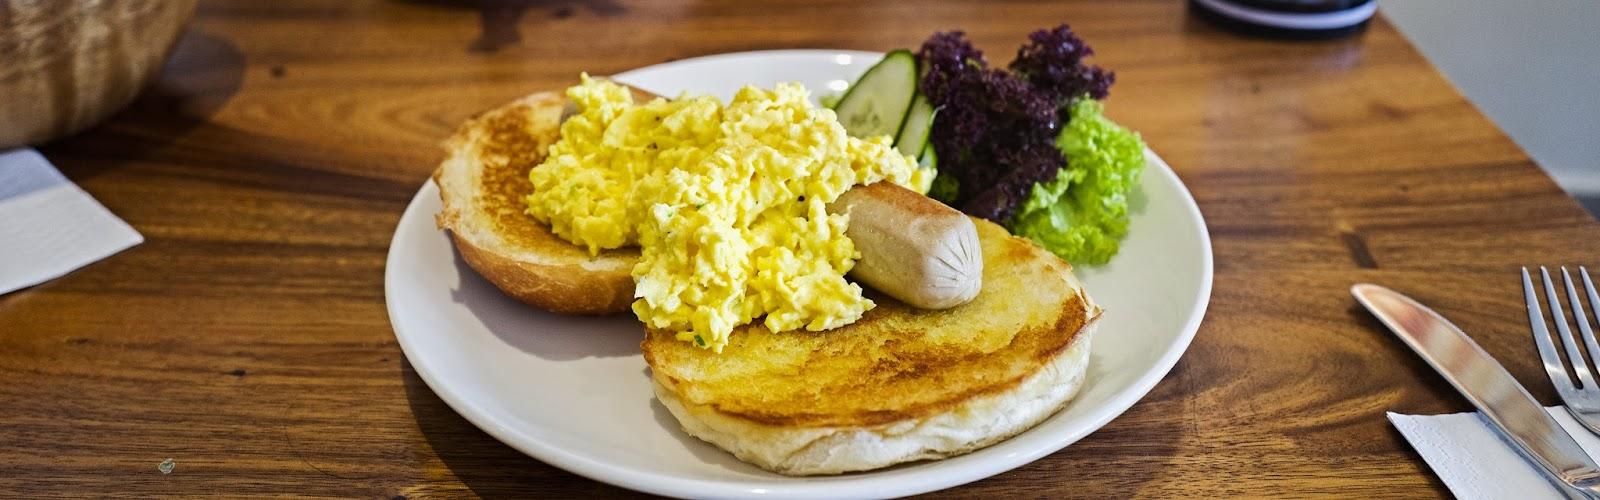 f-omelette-L1050872.jpg